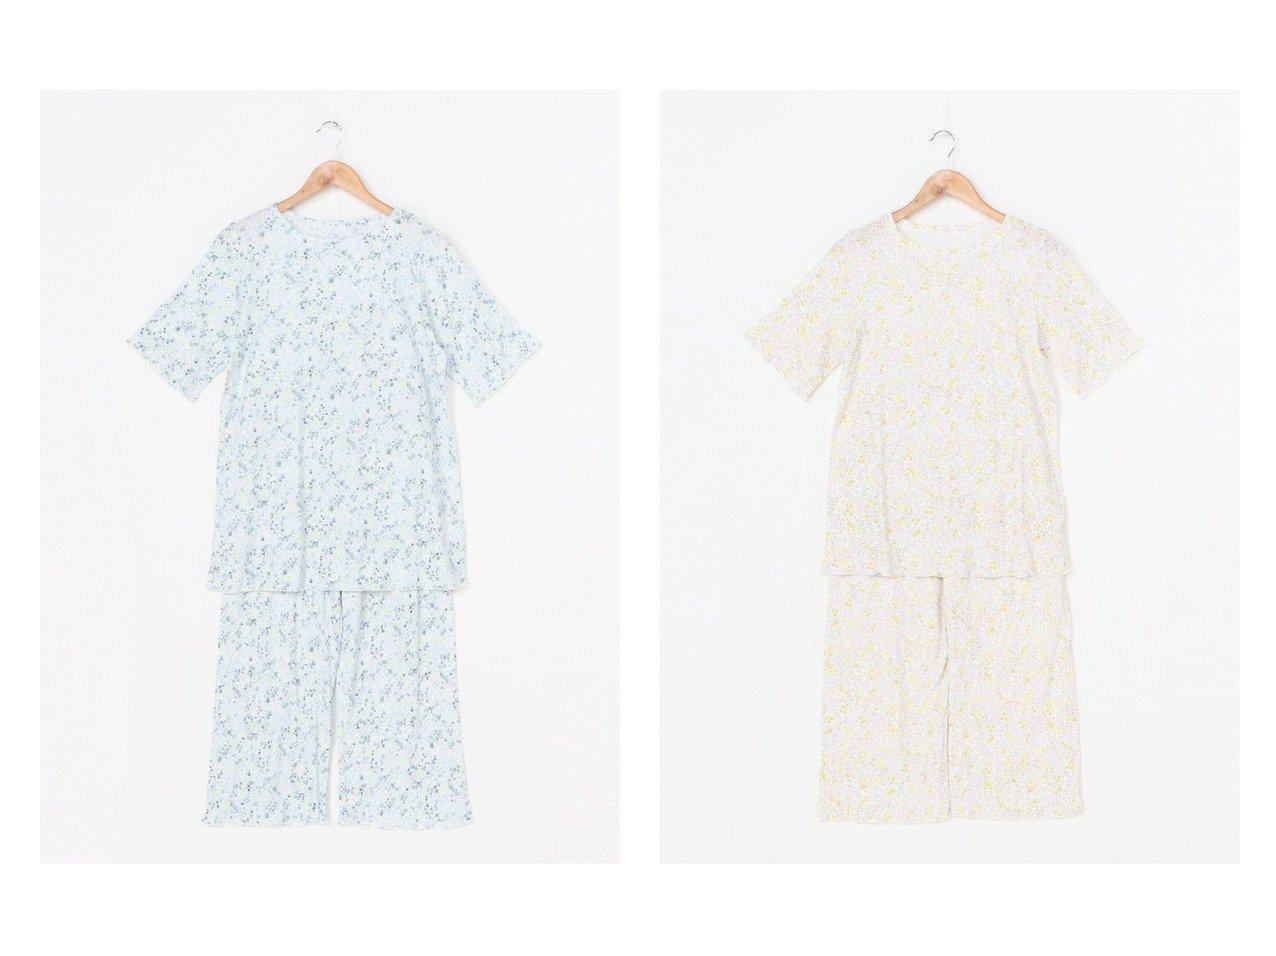 【KID BLUE/キッドブルー】のリブプチフラワーPt おすすめ!人気、トレンド・レディースファッションの通販 おすすめで人気の流行・トレンド、ファッションの通販商品 インテリア・家具・メンズファッション・キッズファッション・レディースファッション・服の通販 founy(ファニー) https://founy.com/ ファッション Fashion レディースファッション WOMEN パンツ Pants おすすめ Recommend インナー ストレッチ パジャマ プリント ボトム 人気 |ID:crp329100000061685